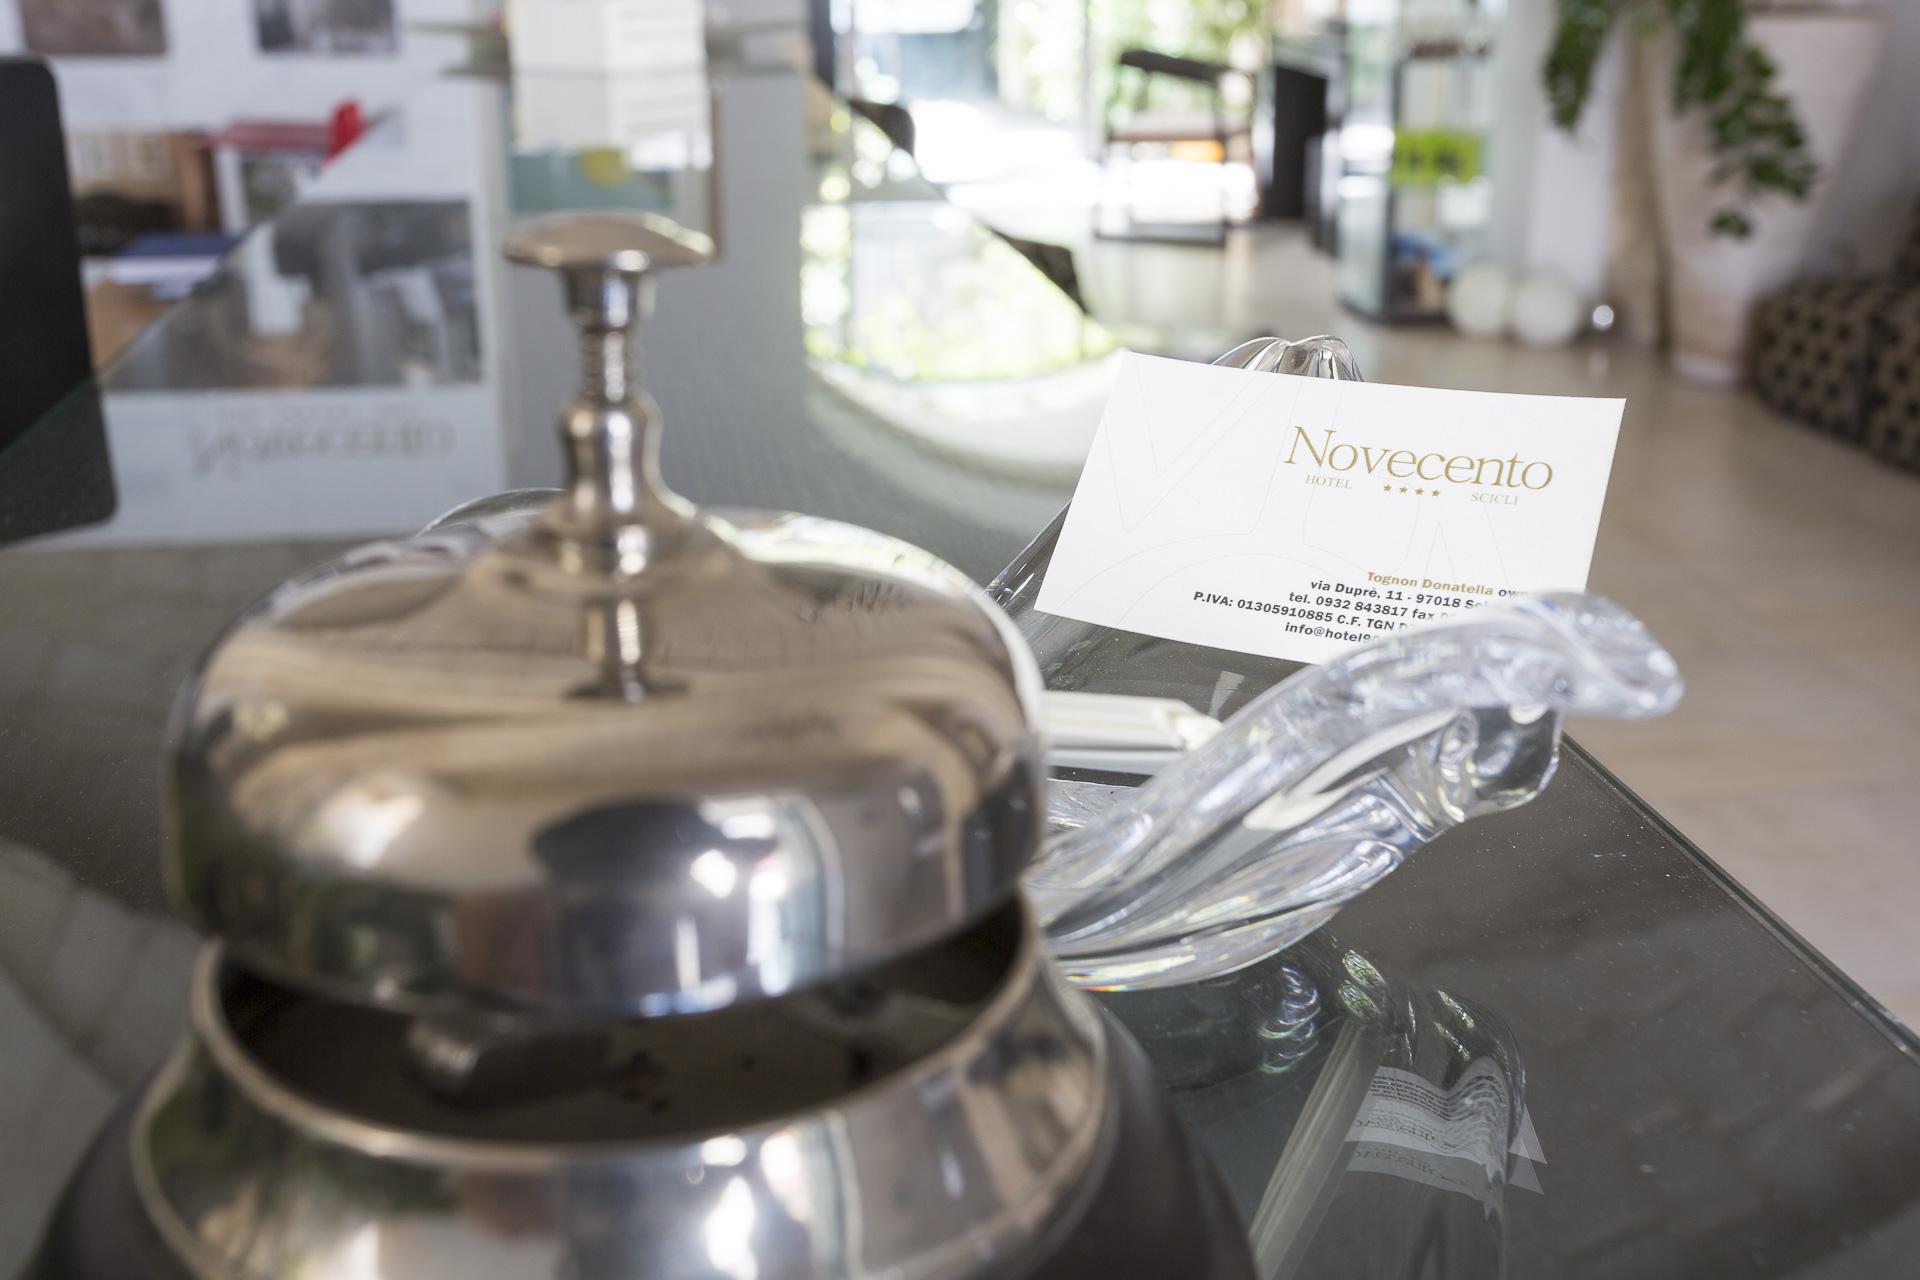 Hotel Novecento 4s Scicli